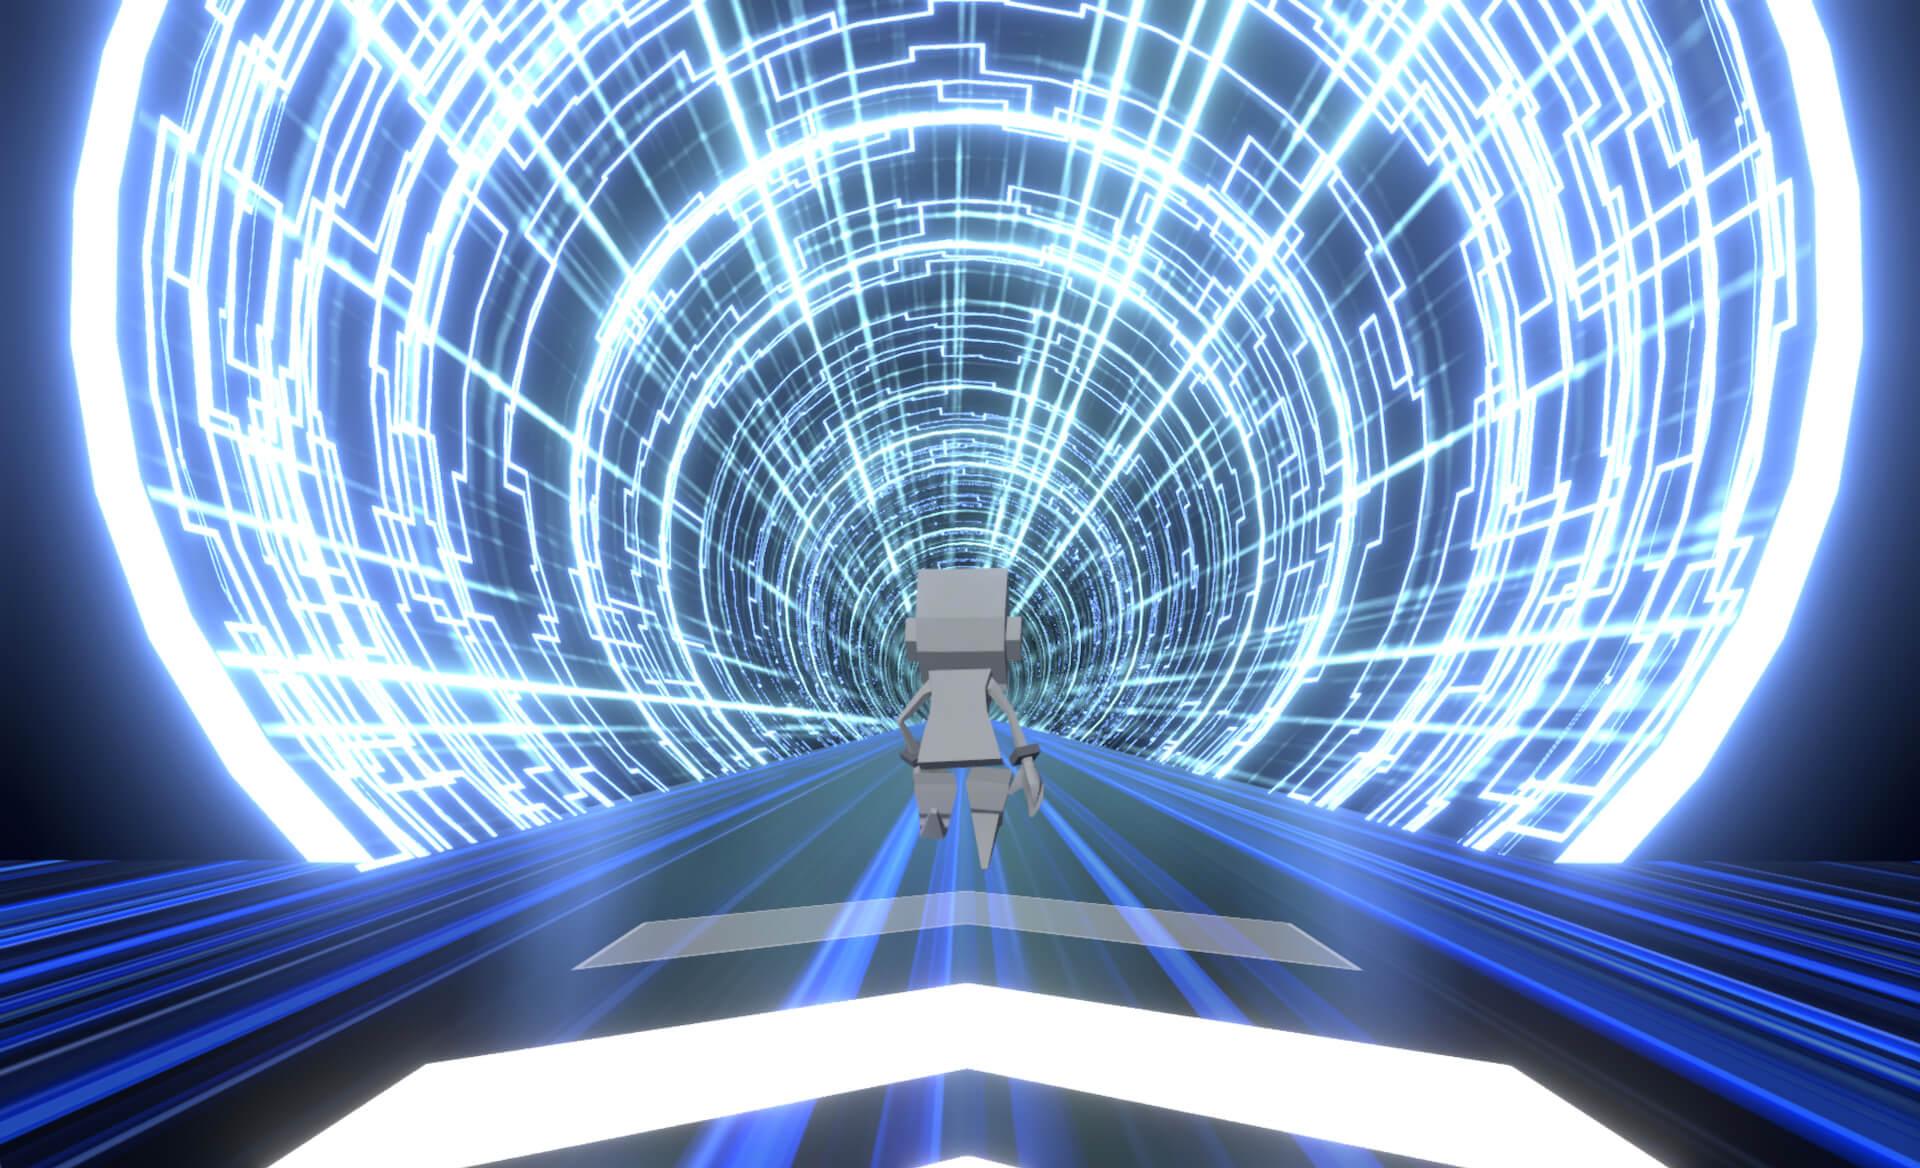 バーチャル渋谷にライブハウスがオープン!音楽ライブ<YOU MAKE SHIBUYA VIRTUAL MUSIC LIVE>総勢100組のラインナップが発表 music210414_virtualshibuya-210414_3